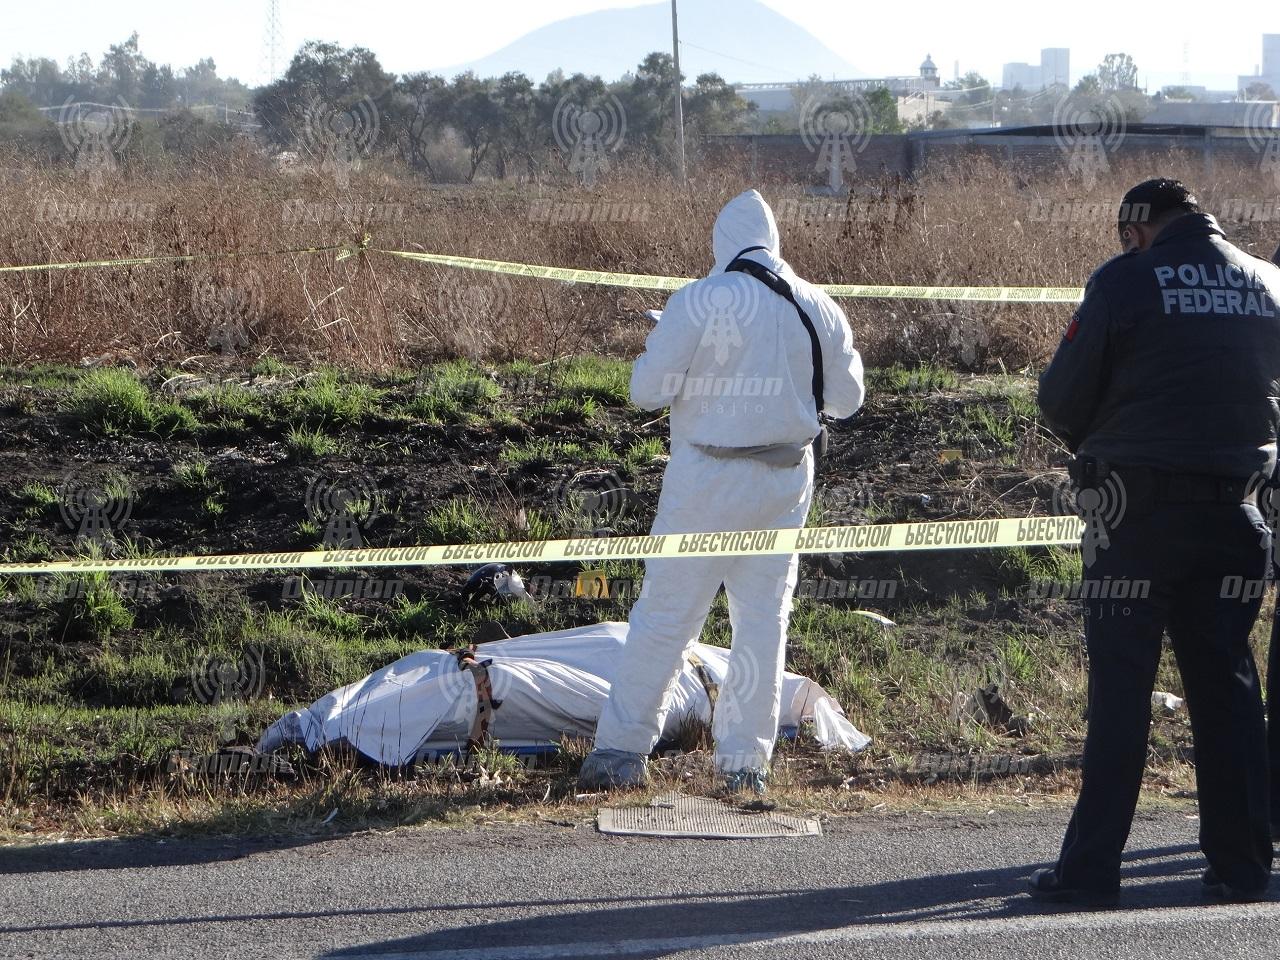 Nueva ola de violencia: vehículo incendiado, un policía herido y ejecución de motociclista, el saldo